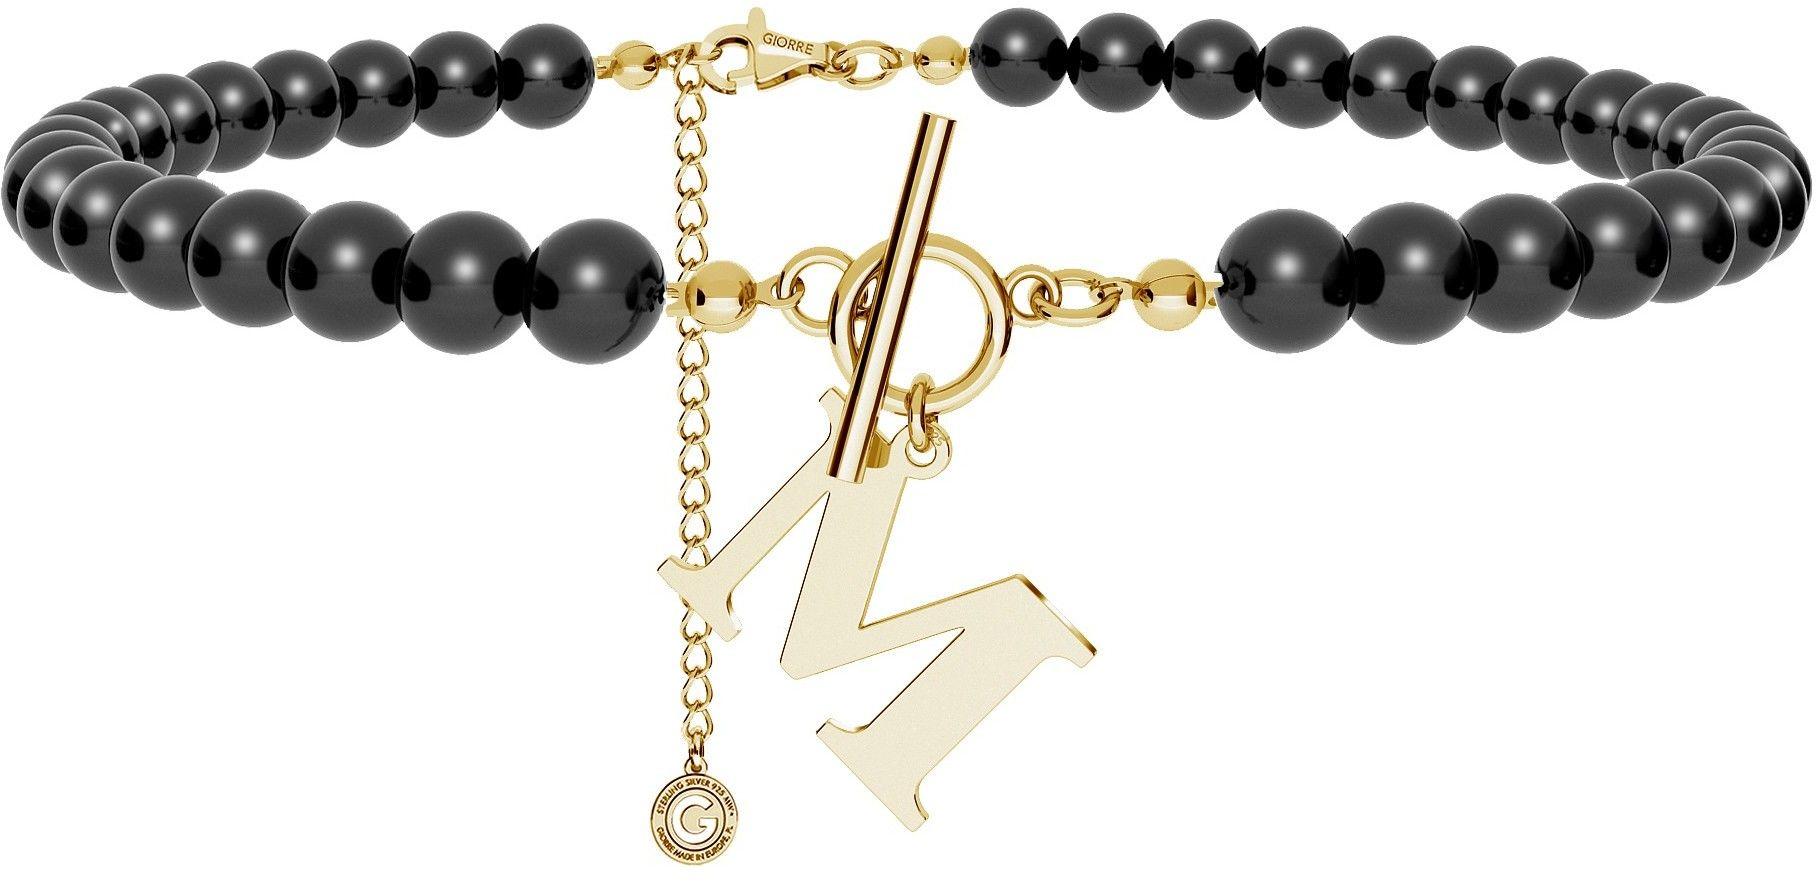 Czarny perłowy choker z dowolną literą, Swarovski, srebro 925 : Litera - G, Srebro - kolor pokrycia - Pokrycie platyną